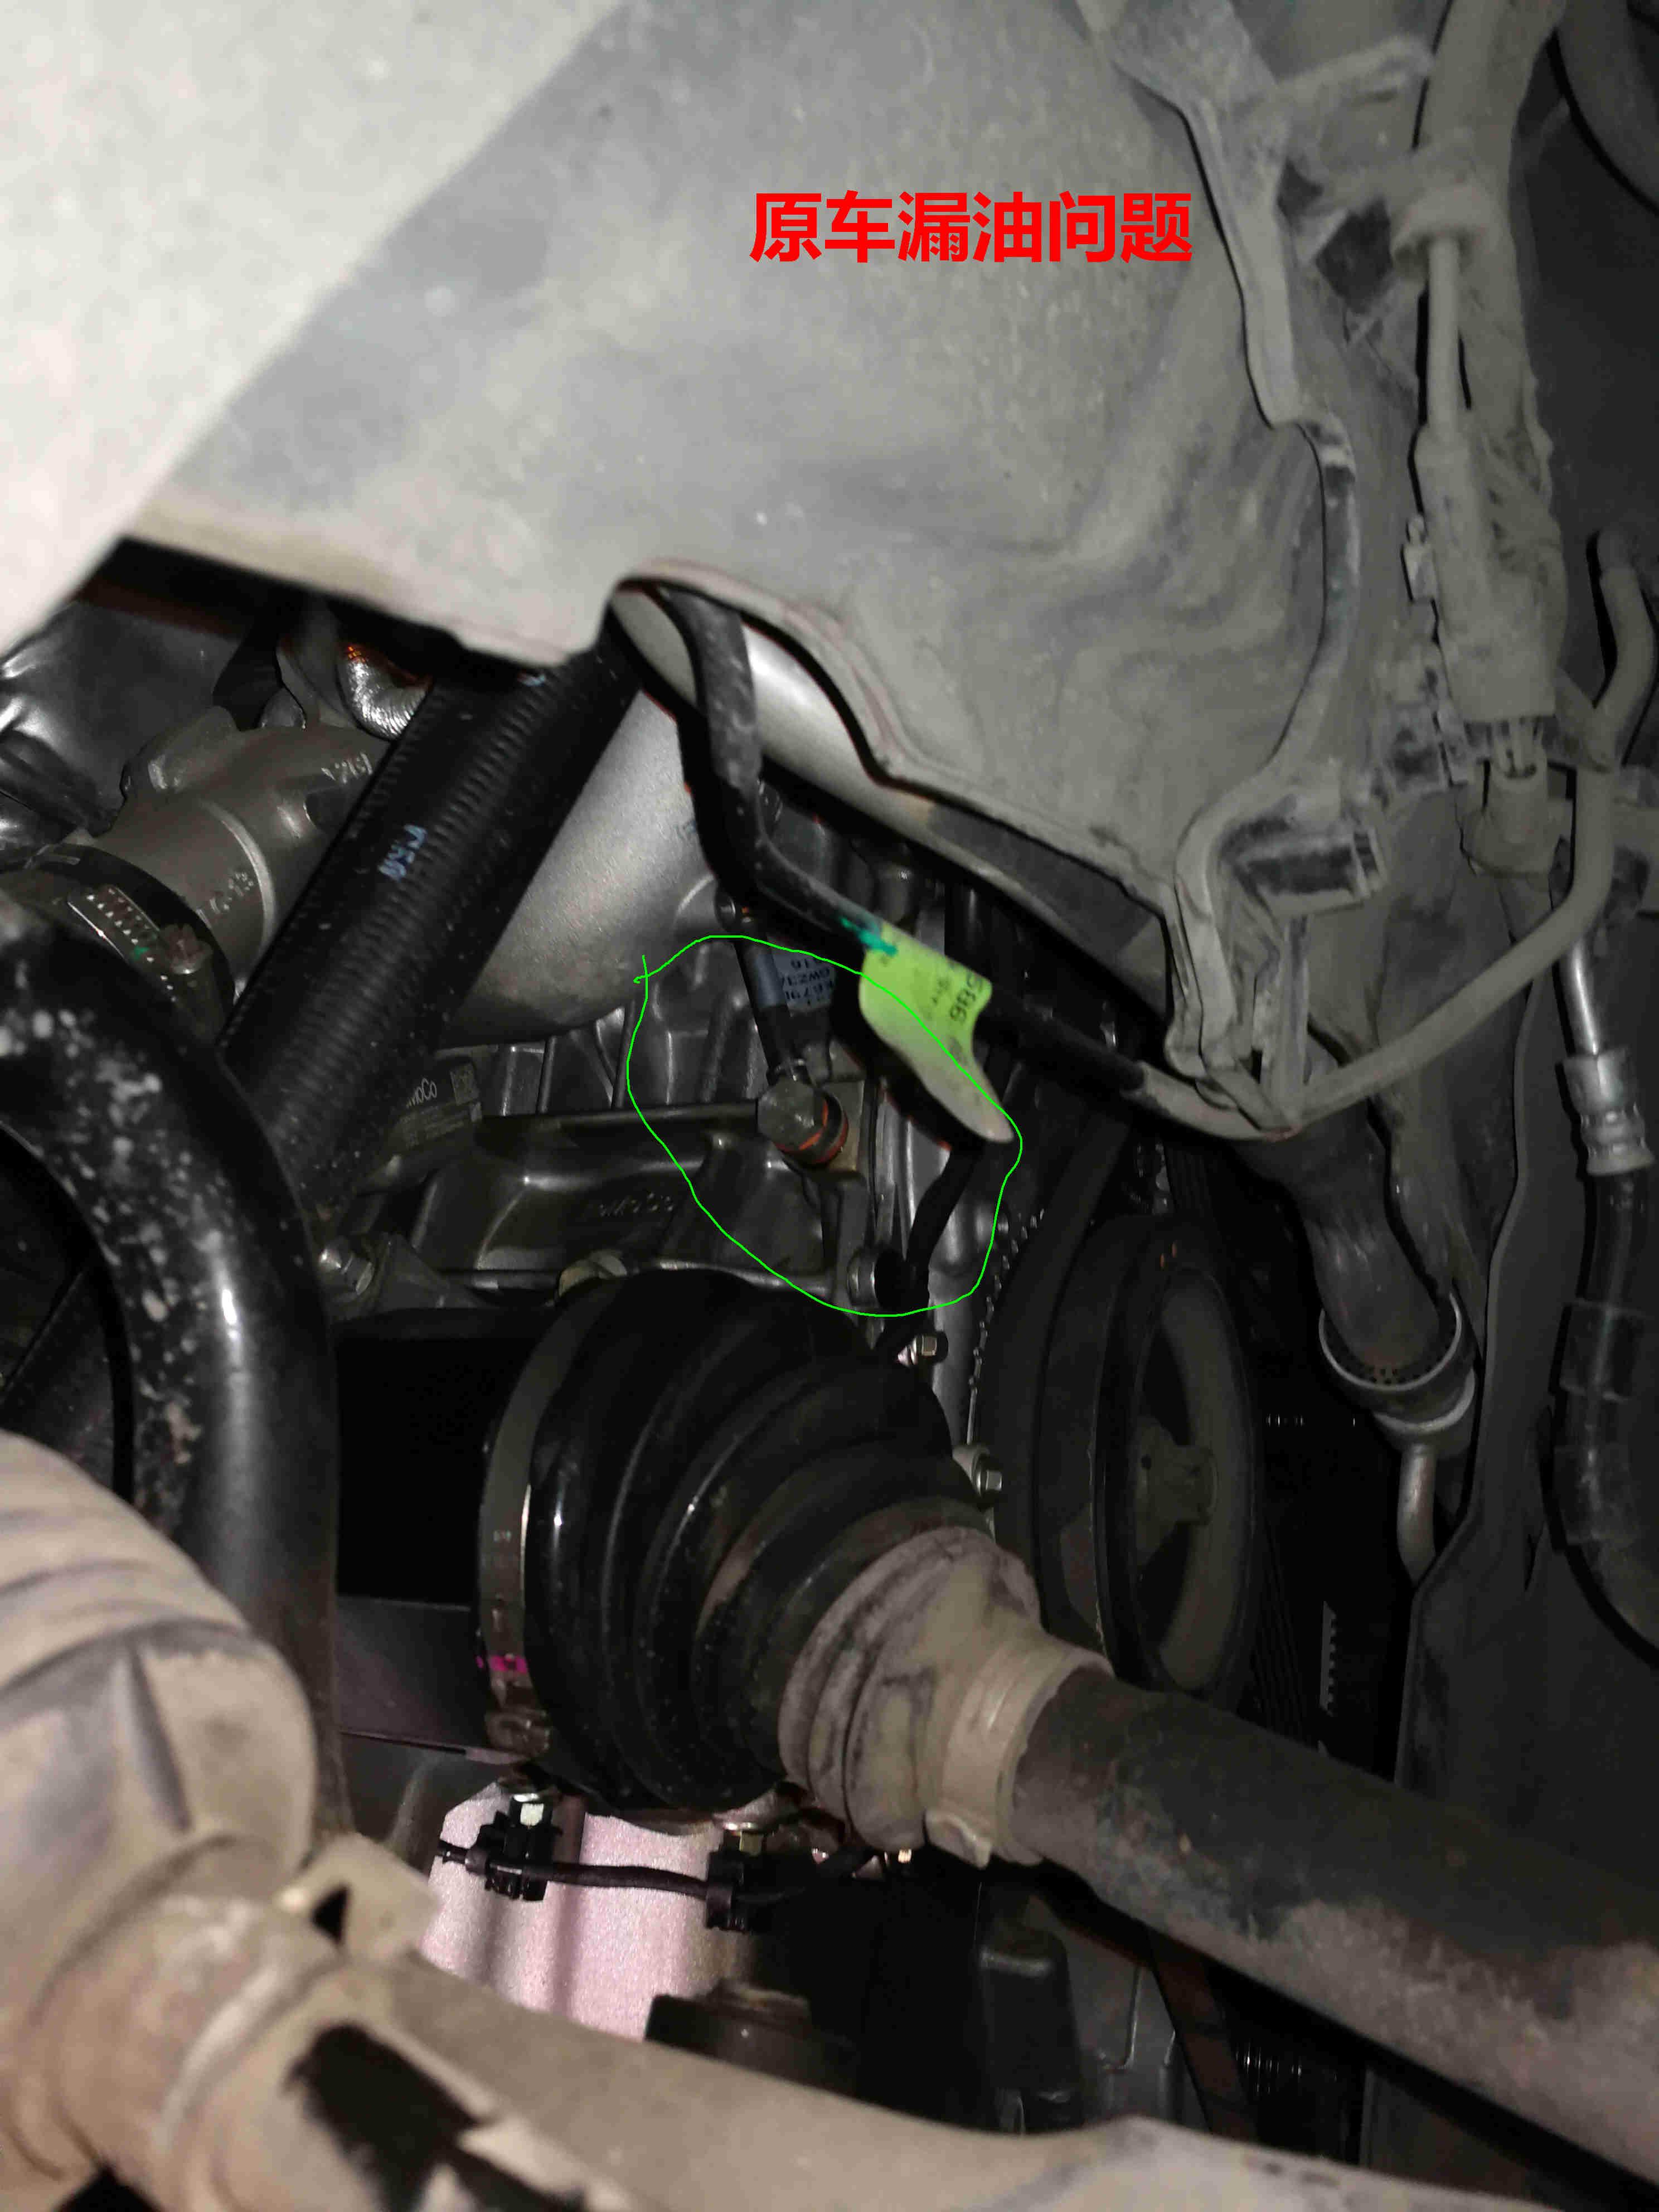 长安福特-锐界 发动机漏油问题,要求退车